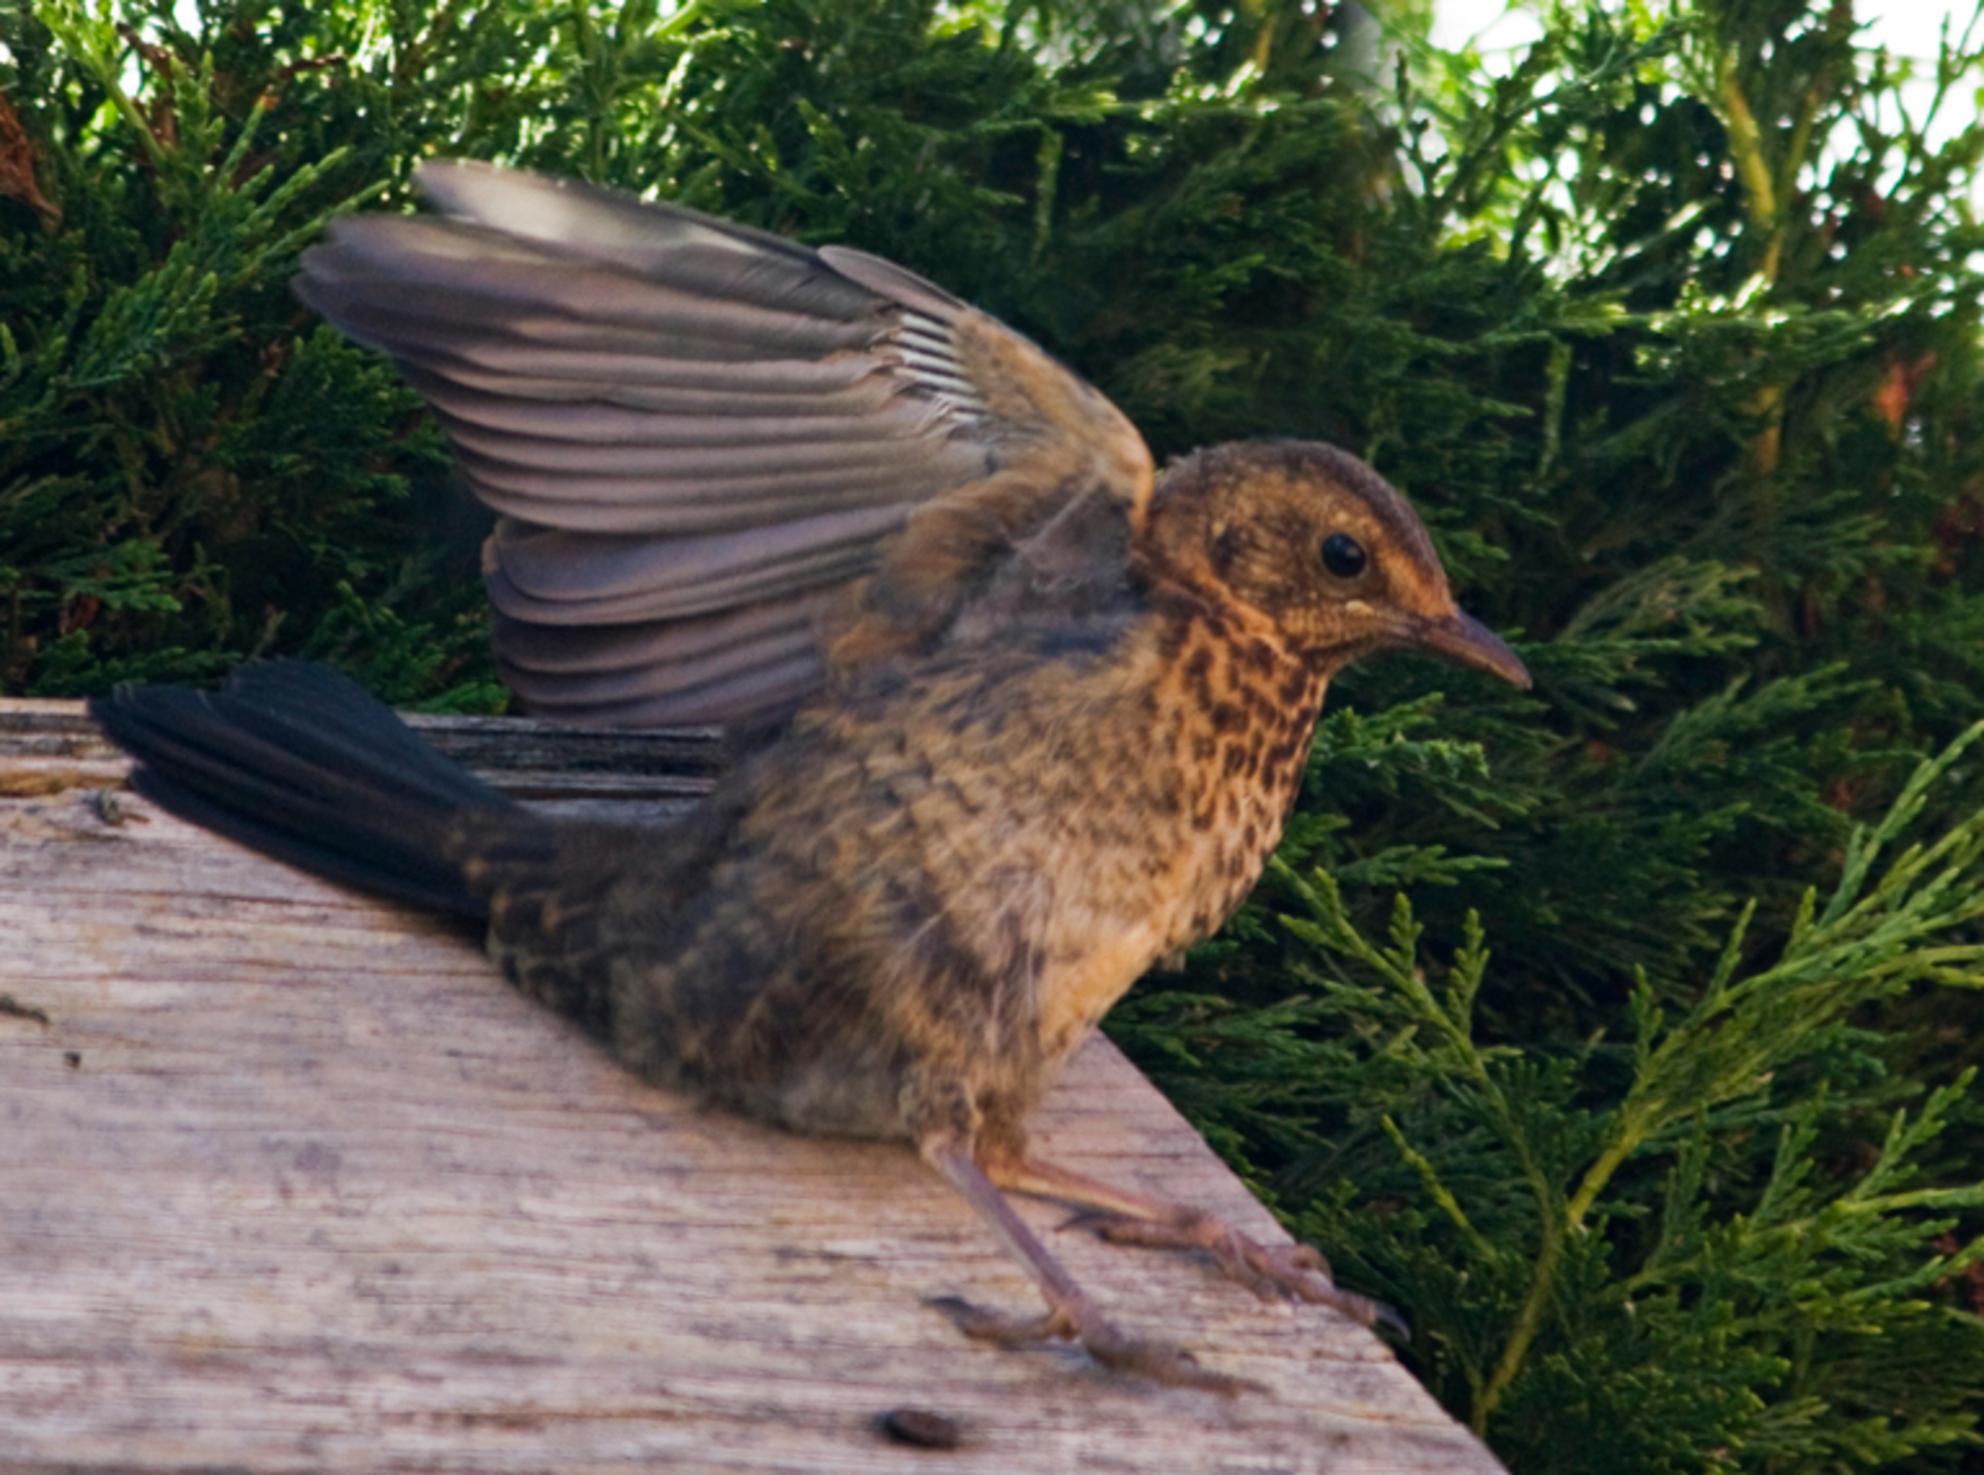 jonge merel - valt bijna van het hokje af - foto door 5hesky6 op 13-07-2009 - deze foto bevat: merel, tuin, vogel, jong - Deze foto mag gebruikt worden in een Zoom.nl publicatie